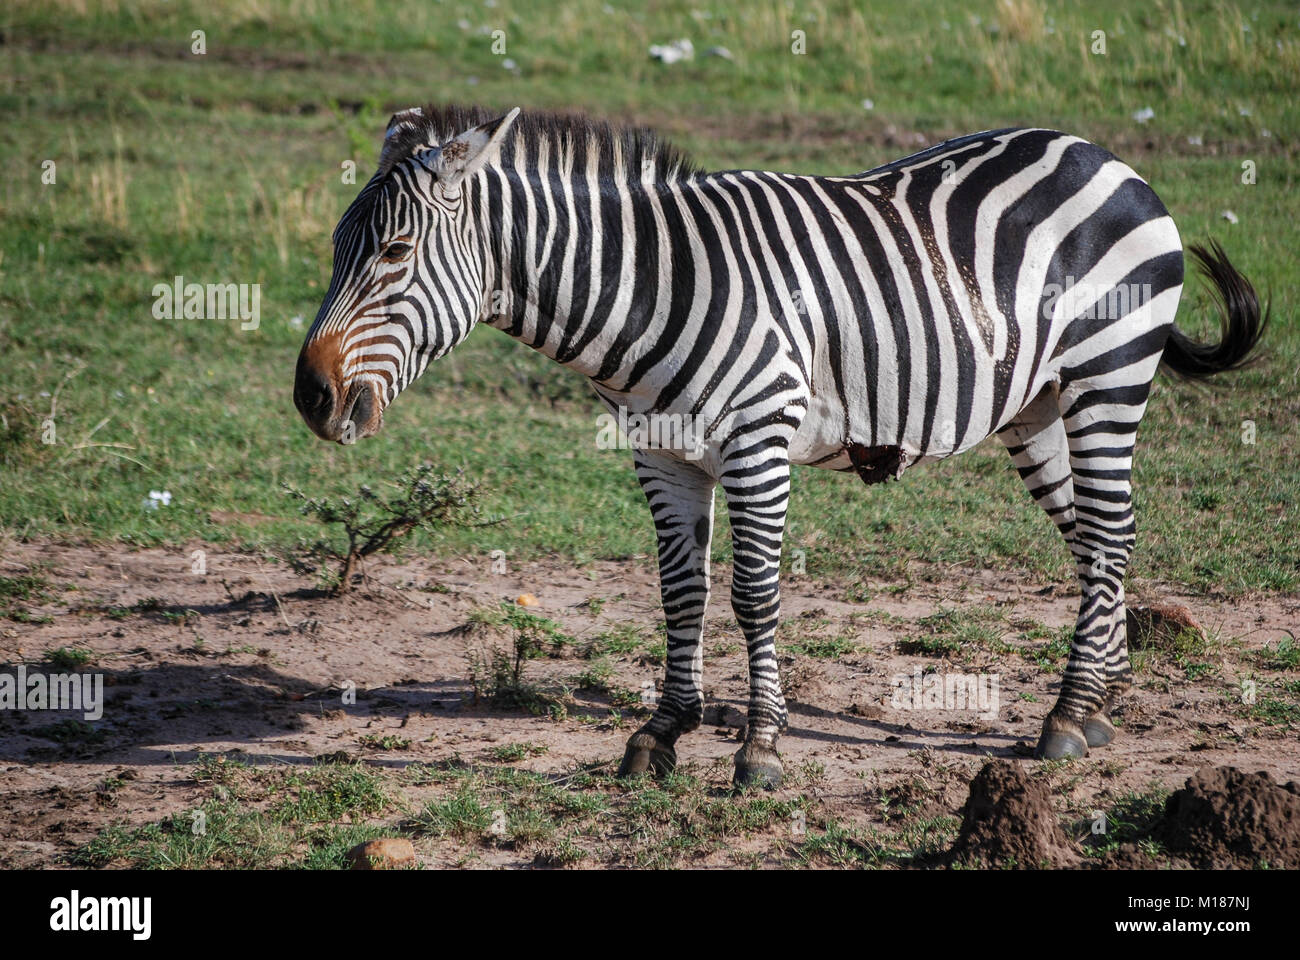 Zebra Masai Mara Kenya Africa - Stock Image